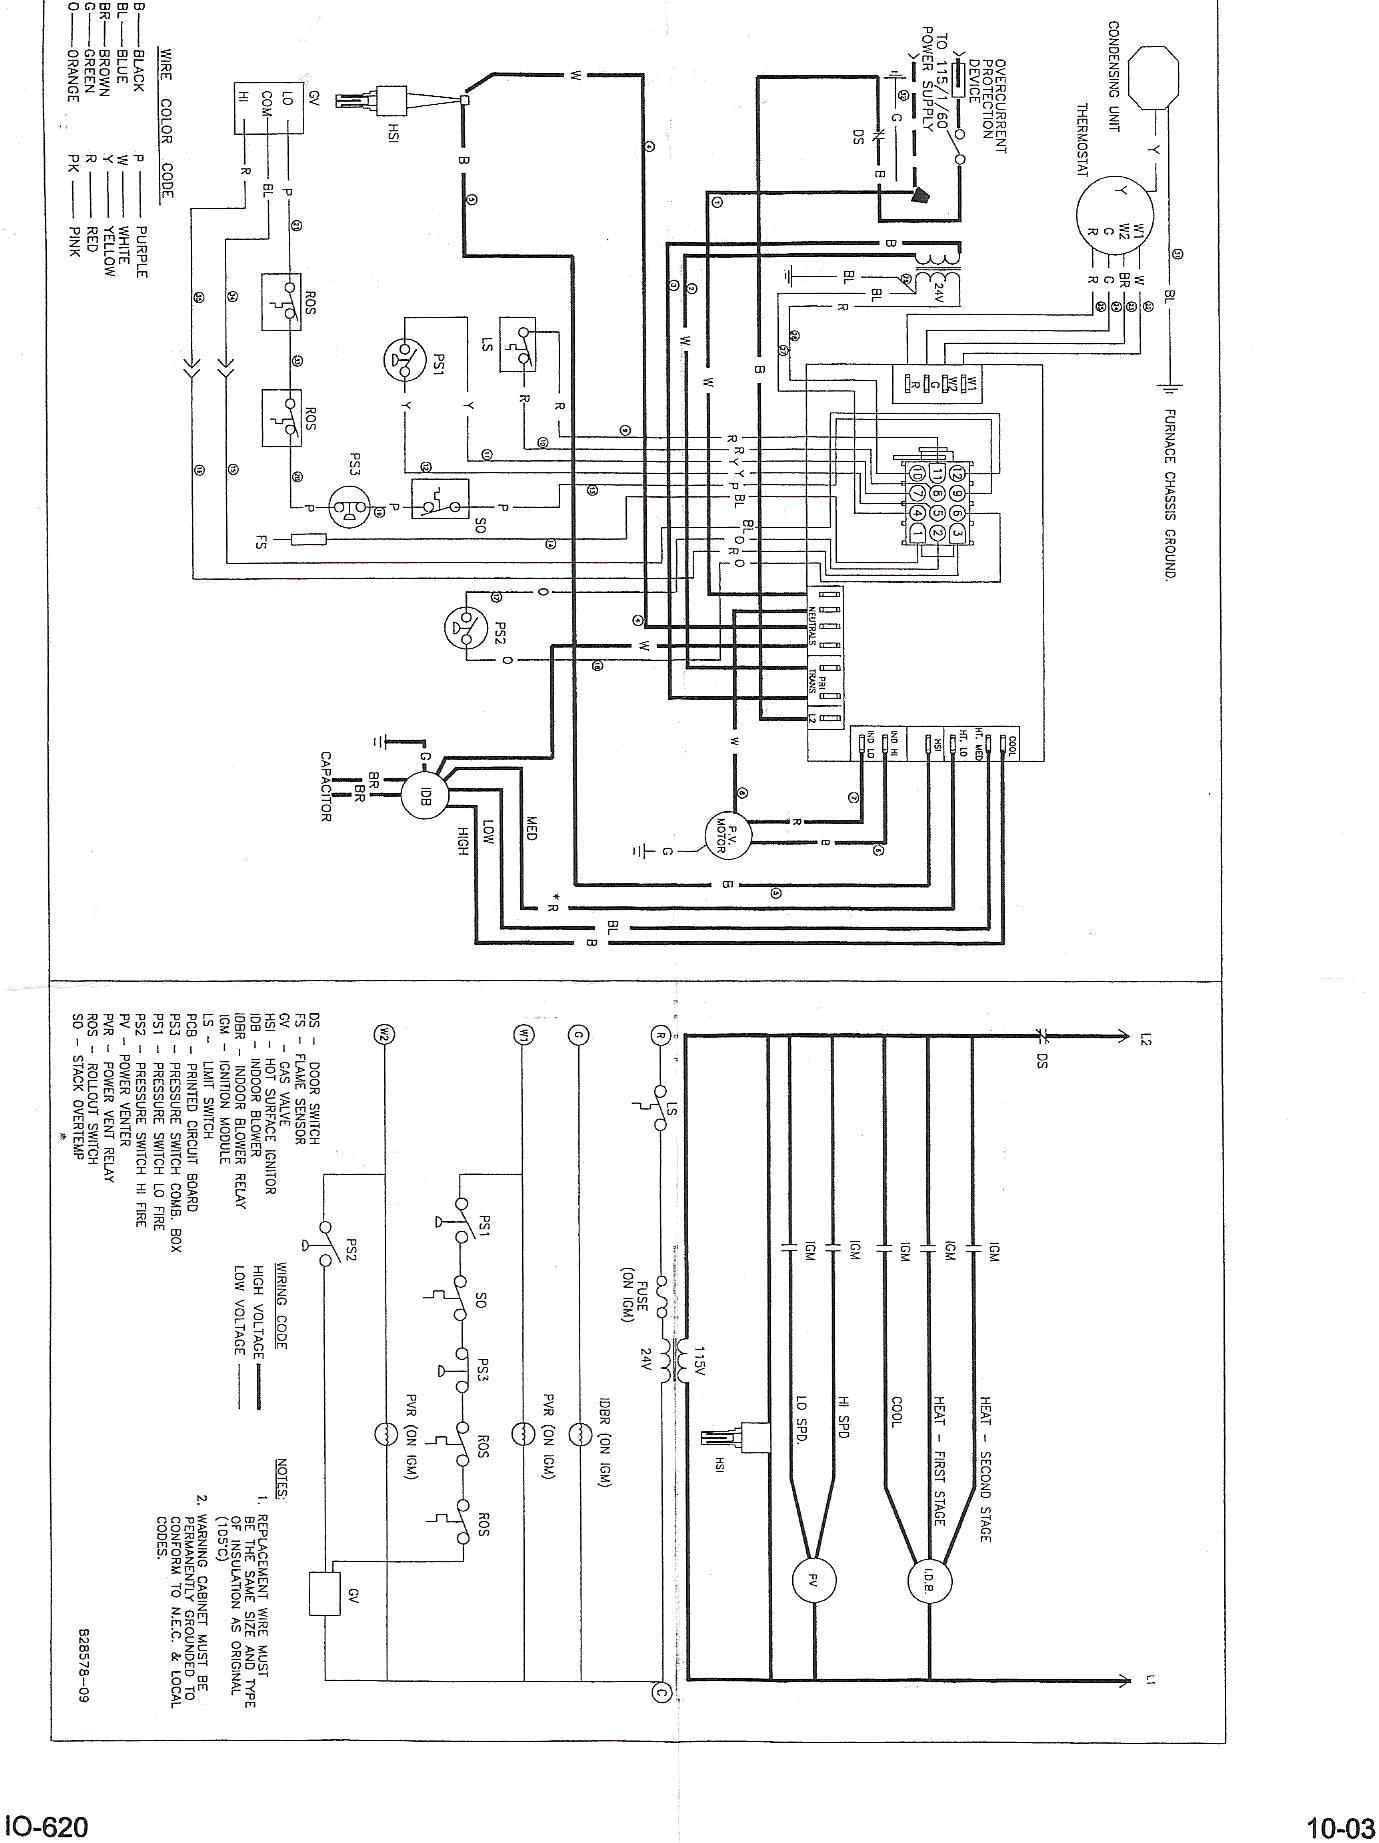 Ruud Ac Wiring Diagram Valid Ruud Air Handler Wiring Diagram 2018 Endearing Enchanting